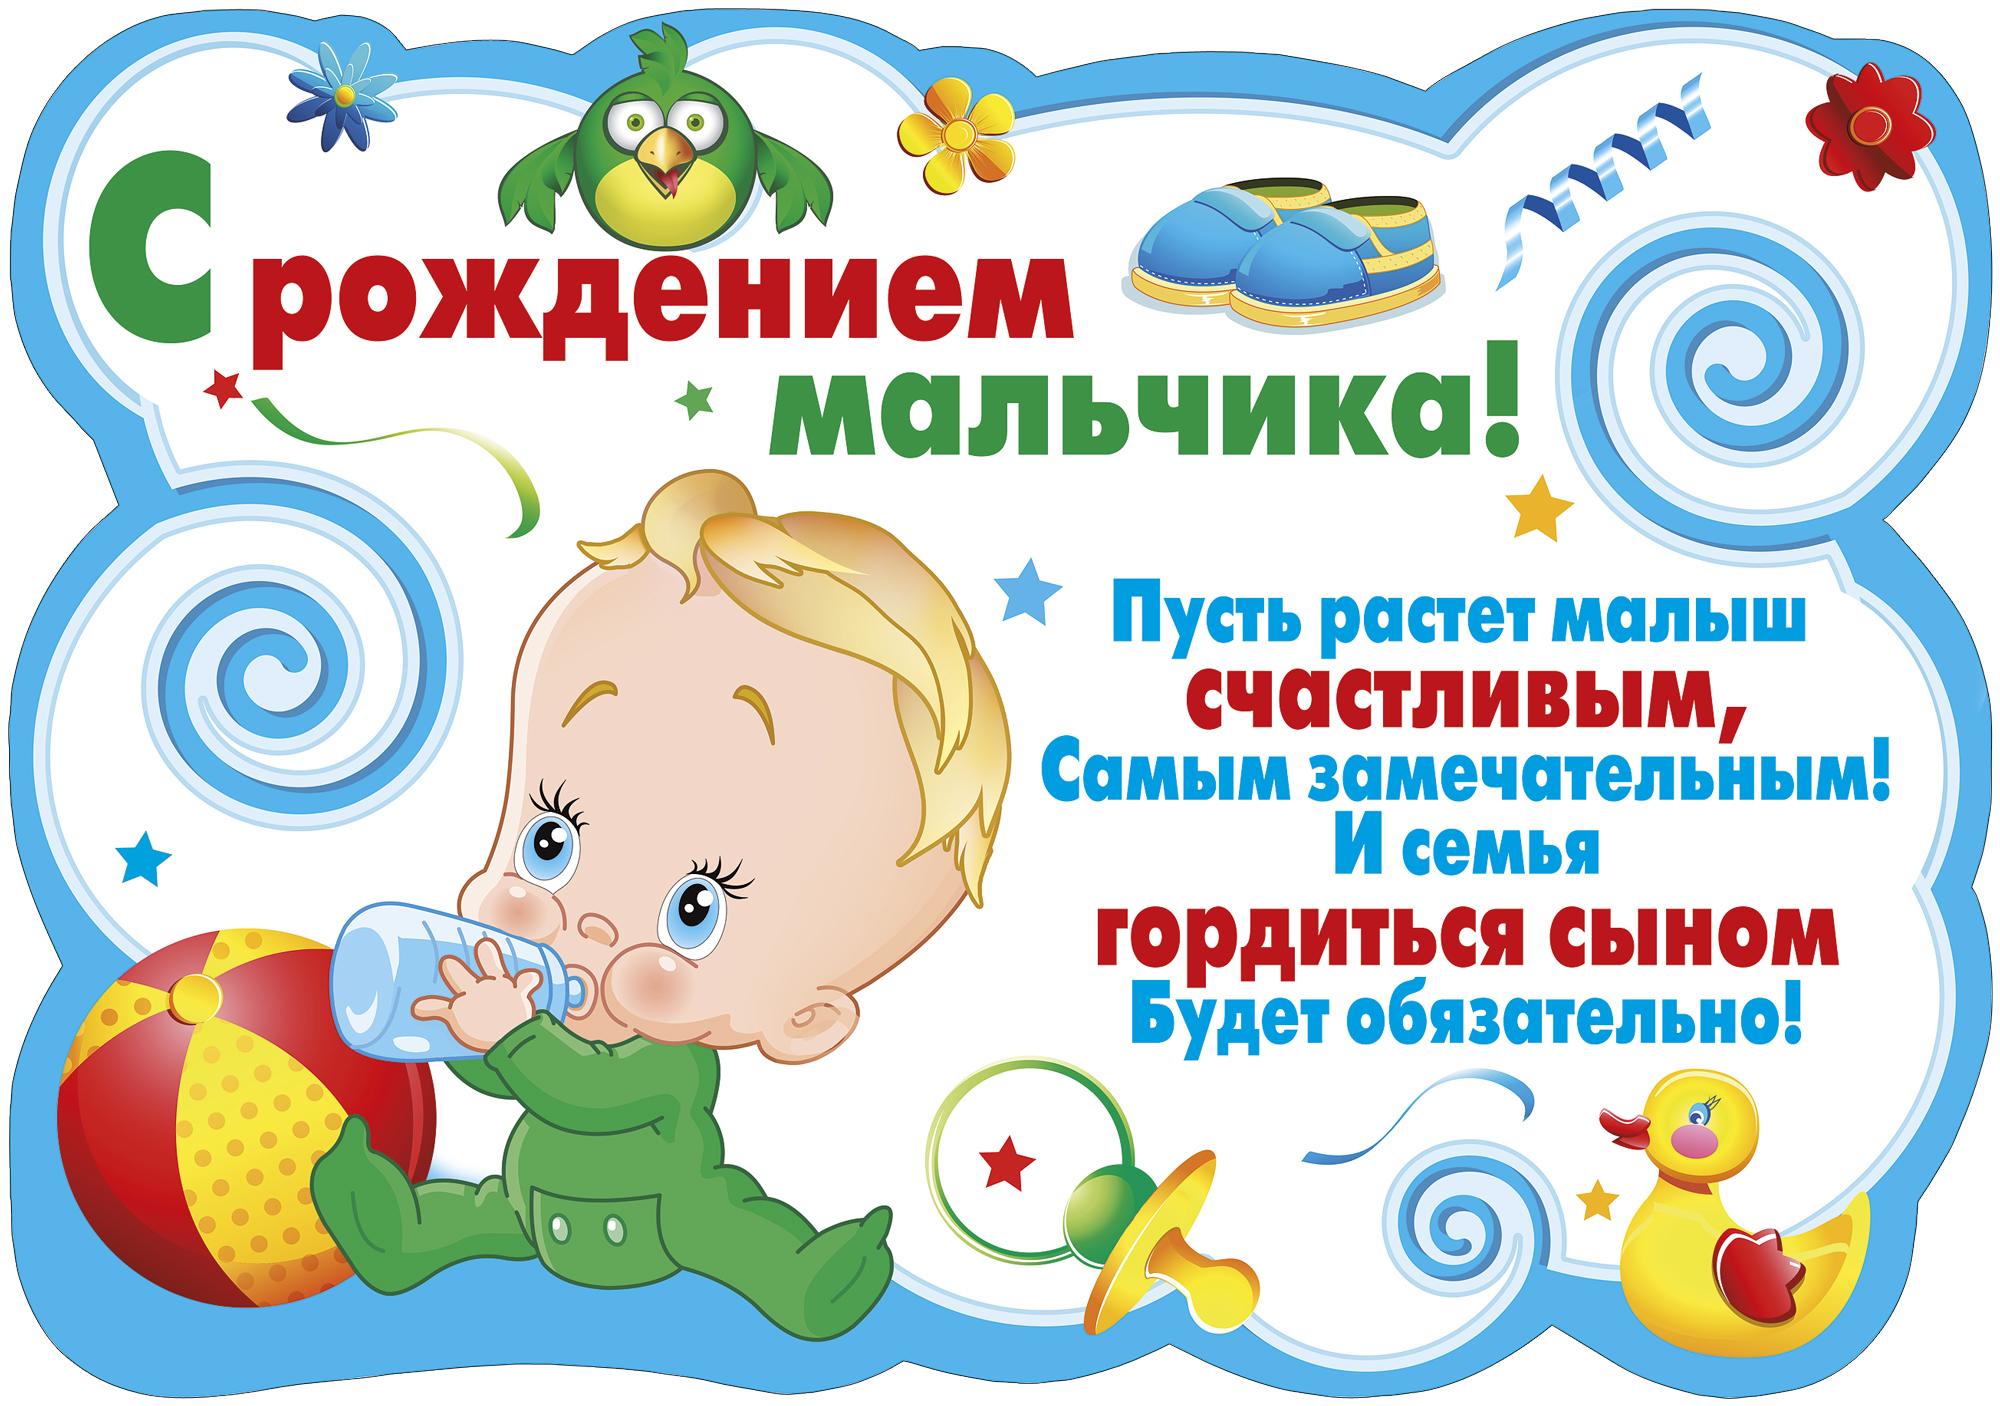 Рисунок поздравления с новорожденным 91